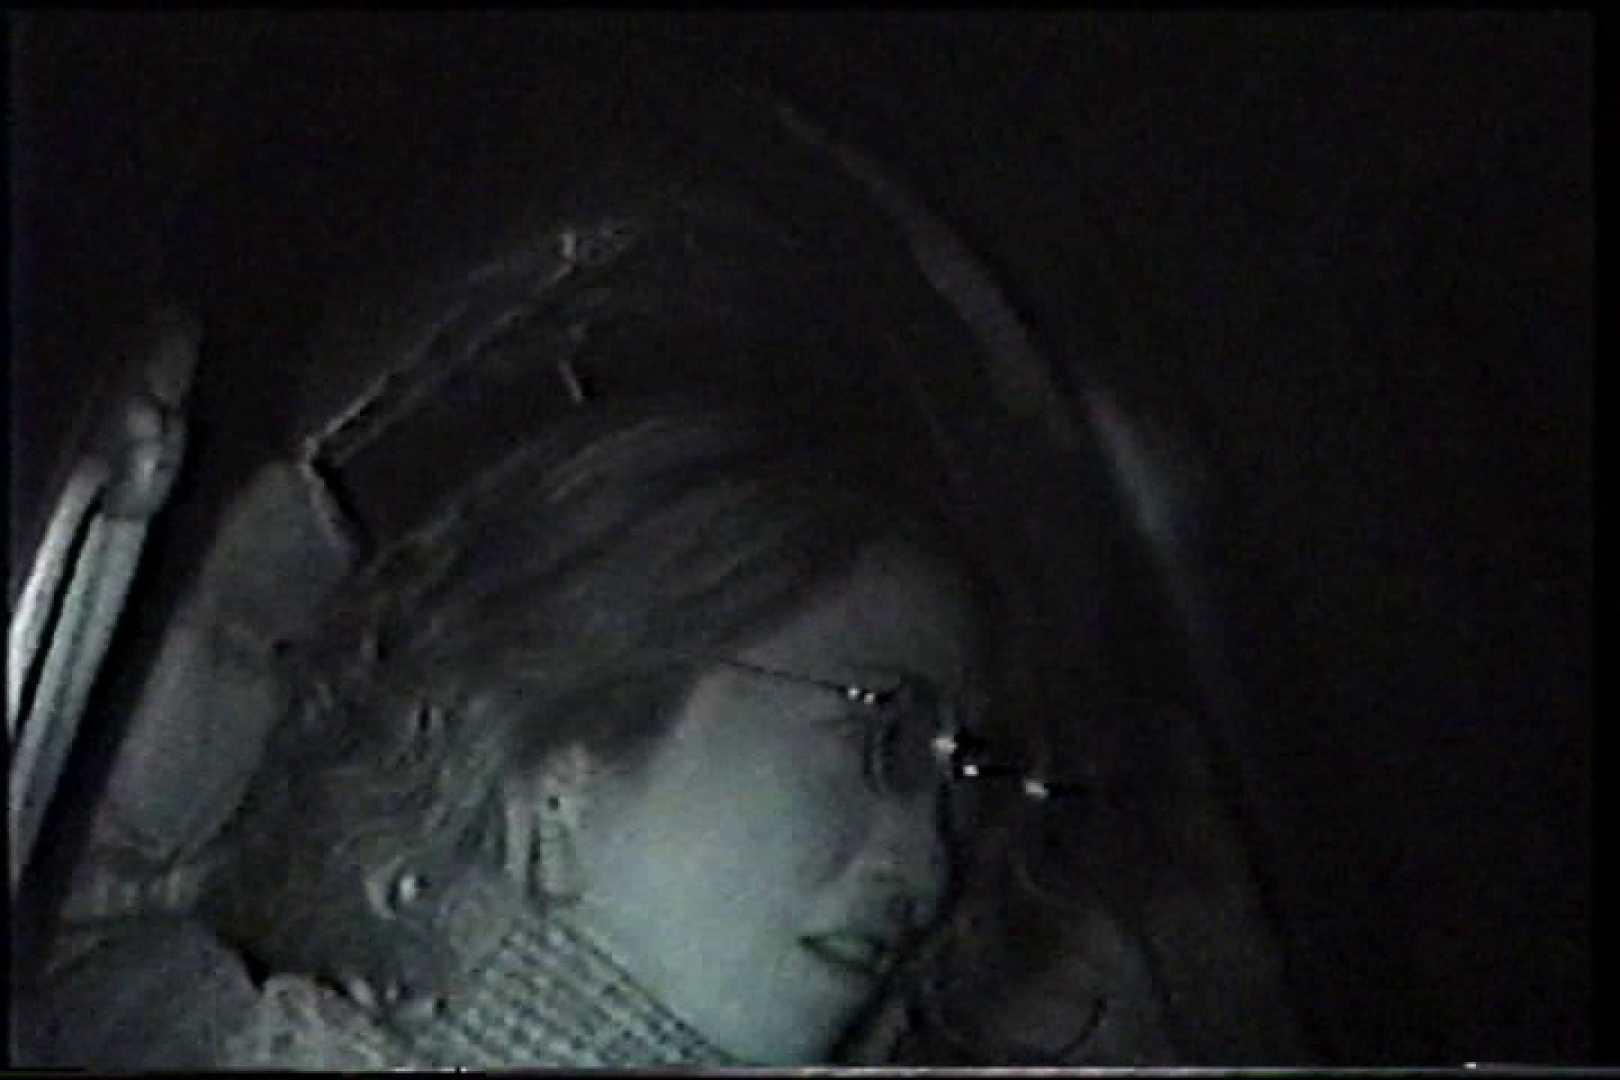 充血監督の深夜の運動会Vol.214 後編. レズビアン編 エロ画像 51pic 9